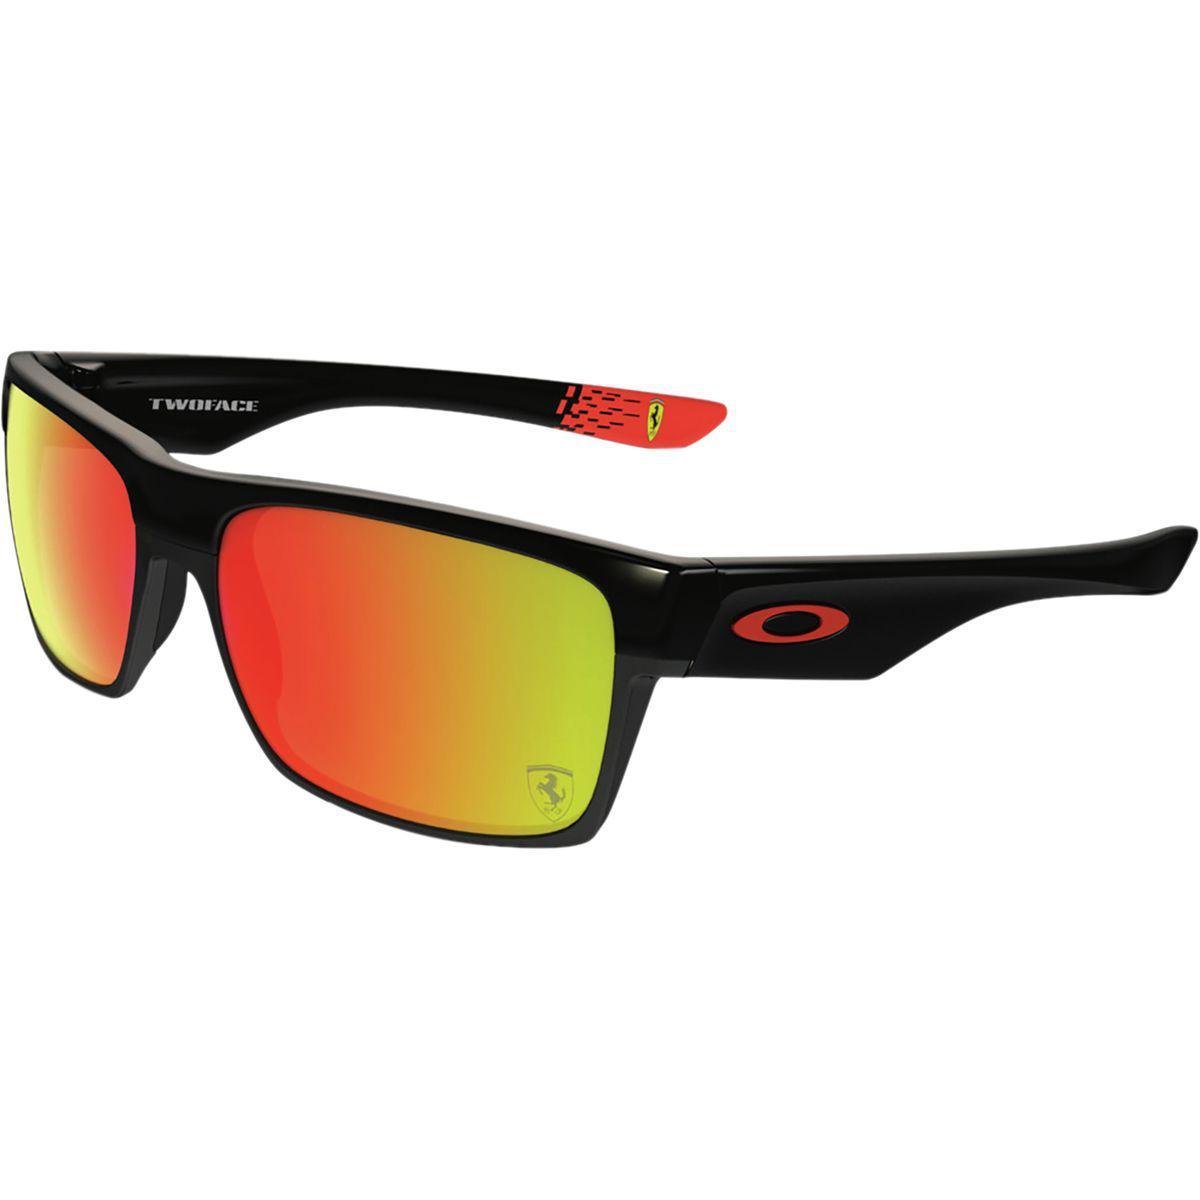 c5fdf09d8a Lyst - Oakley Twoface Sunglasses in Black for Men